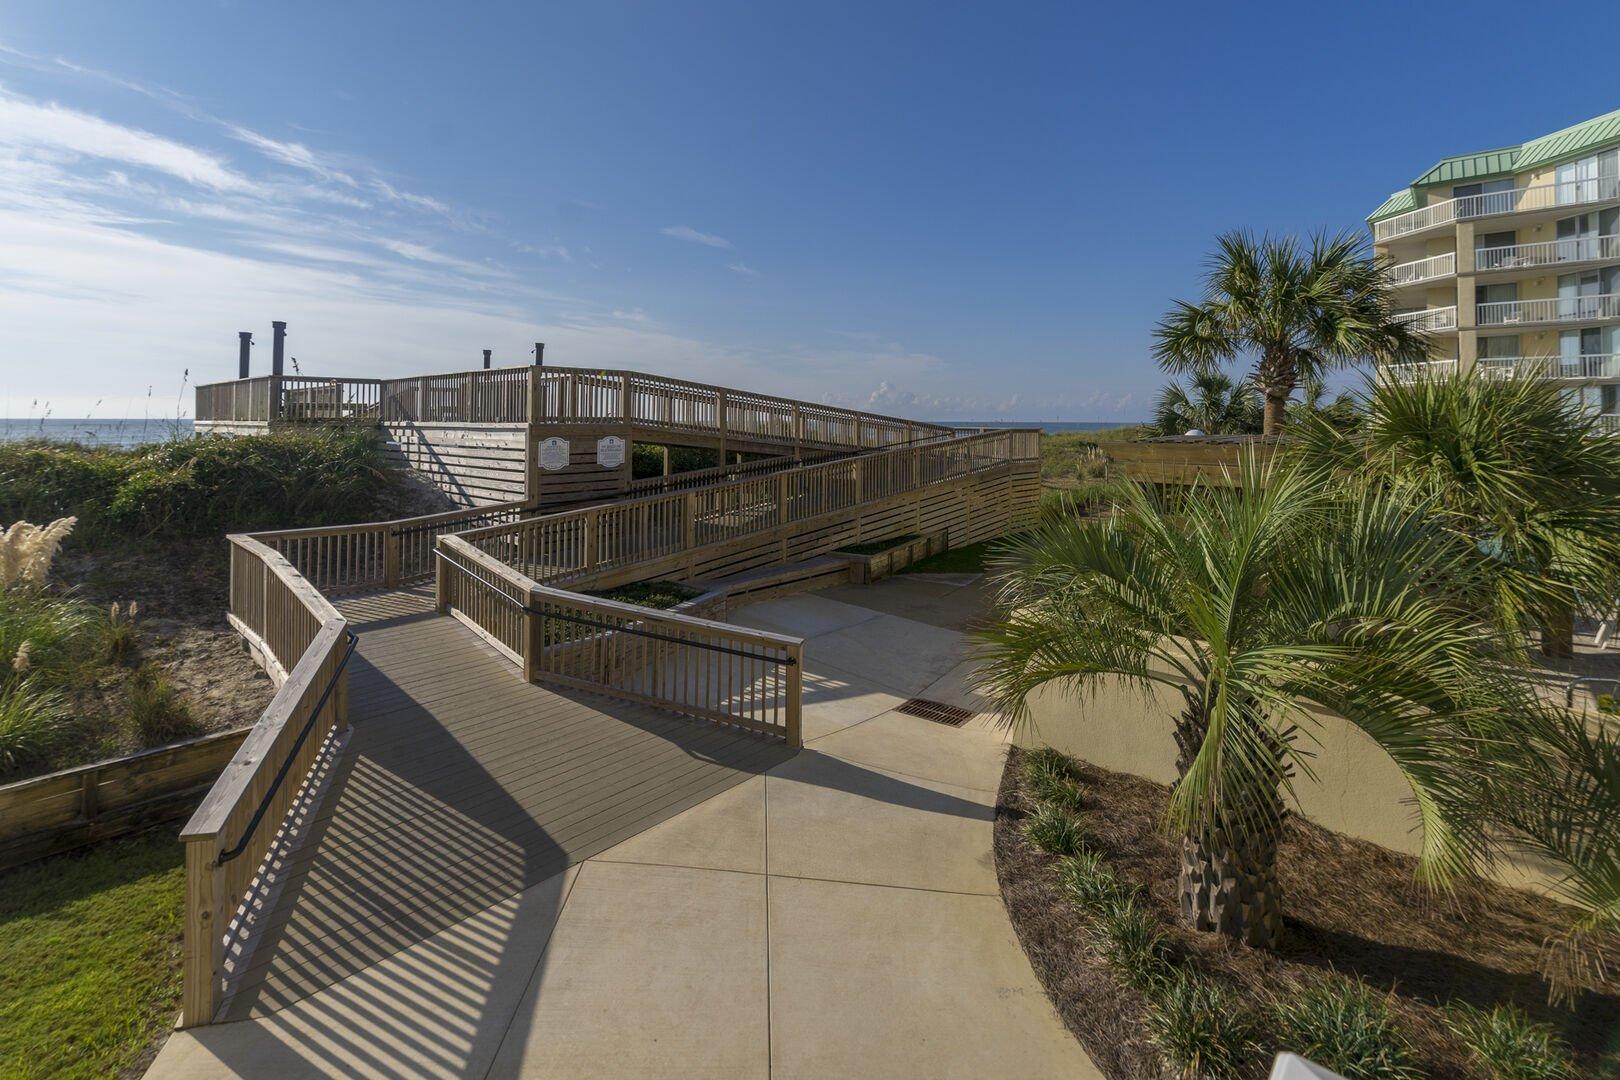 Handicap Accessible Beach Walkway